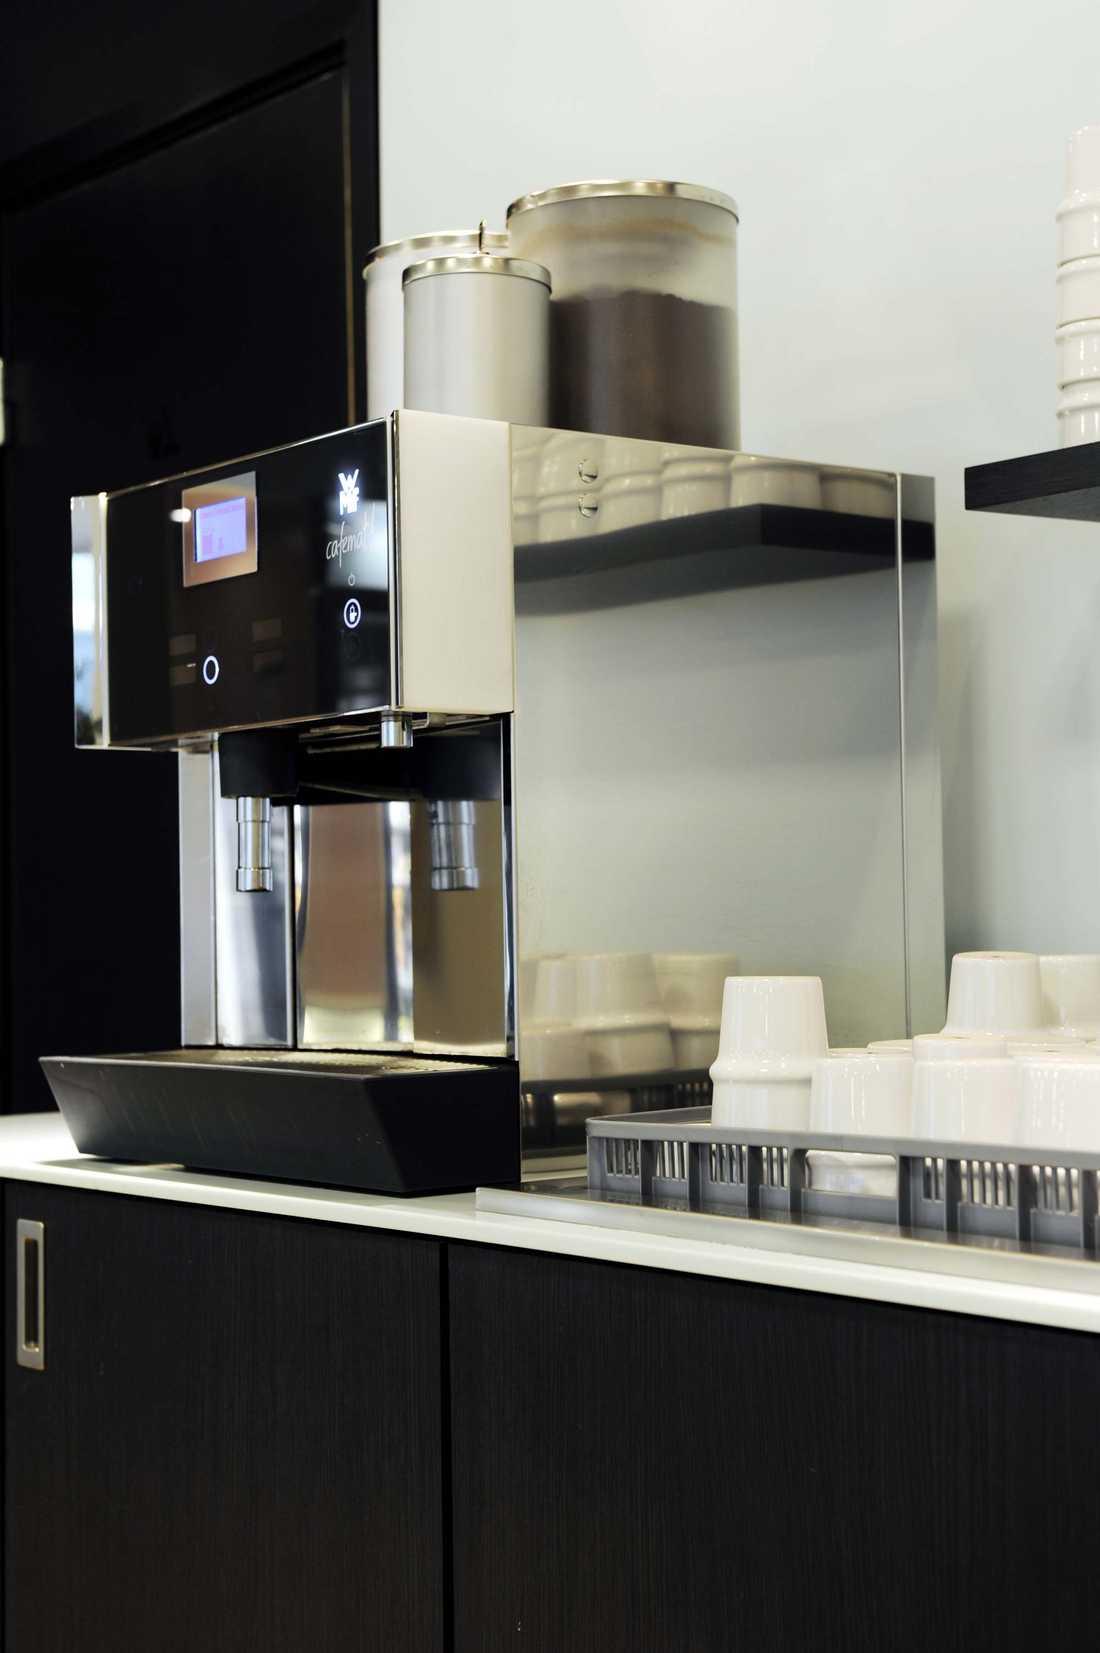 Här är årets julklapp Kaffemaskinen blir årets julklapp enligt ett spelbolags odds.